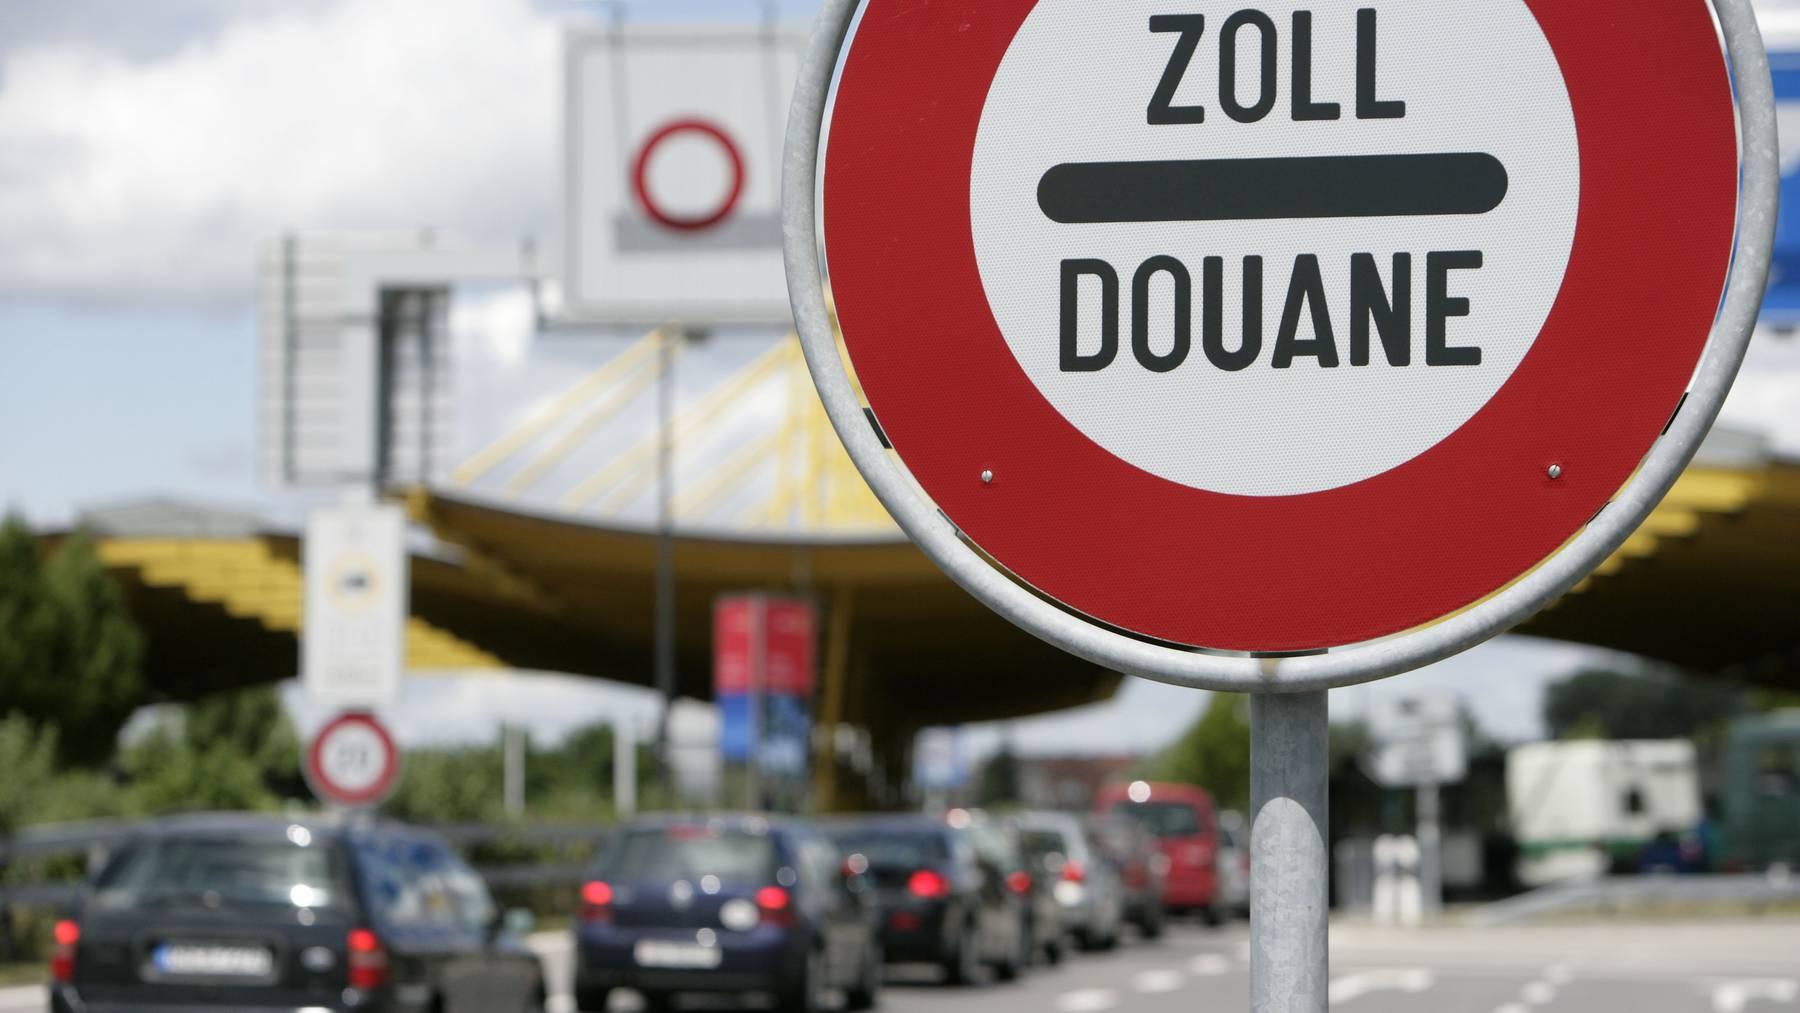 Einkäufe in Konstanz sollen entweder in Deutschland oder in der Schweiz verzollt werden, das fordert die Kams.